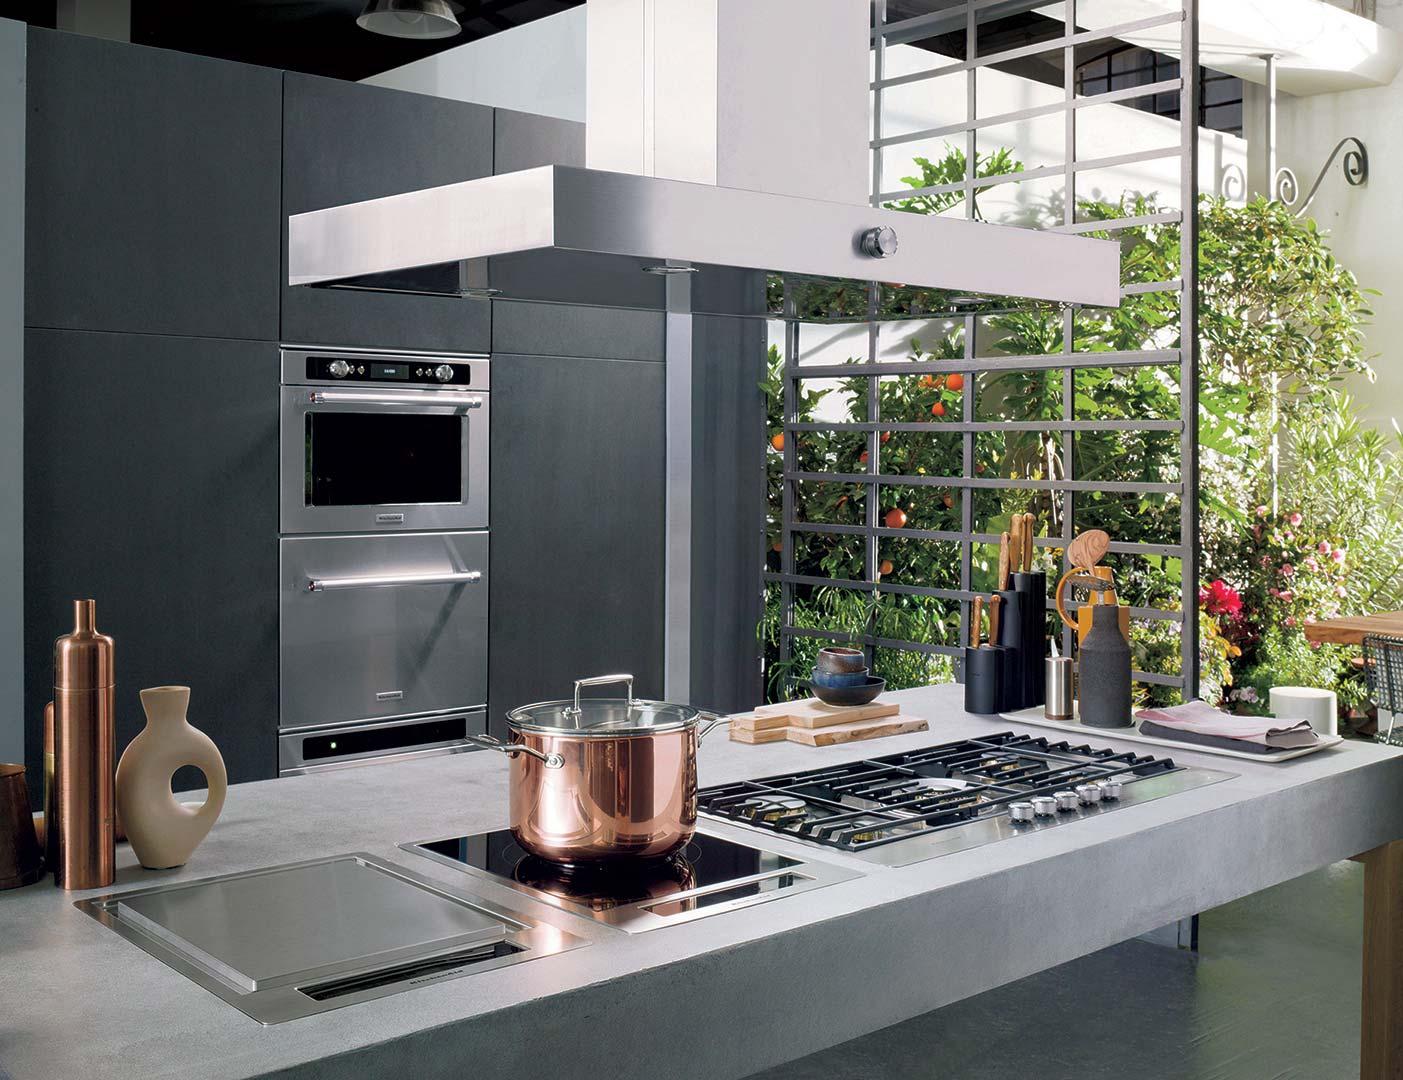 Cappa downdraft 90 cm kebds 90020 sito ufficiale kitchenaid - Sostituire cappa cucina ...